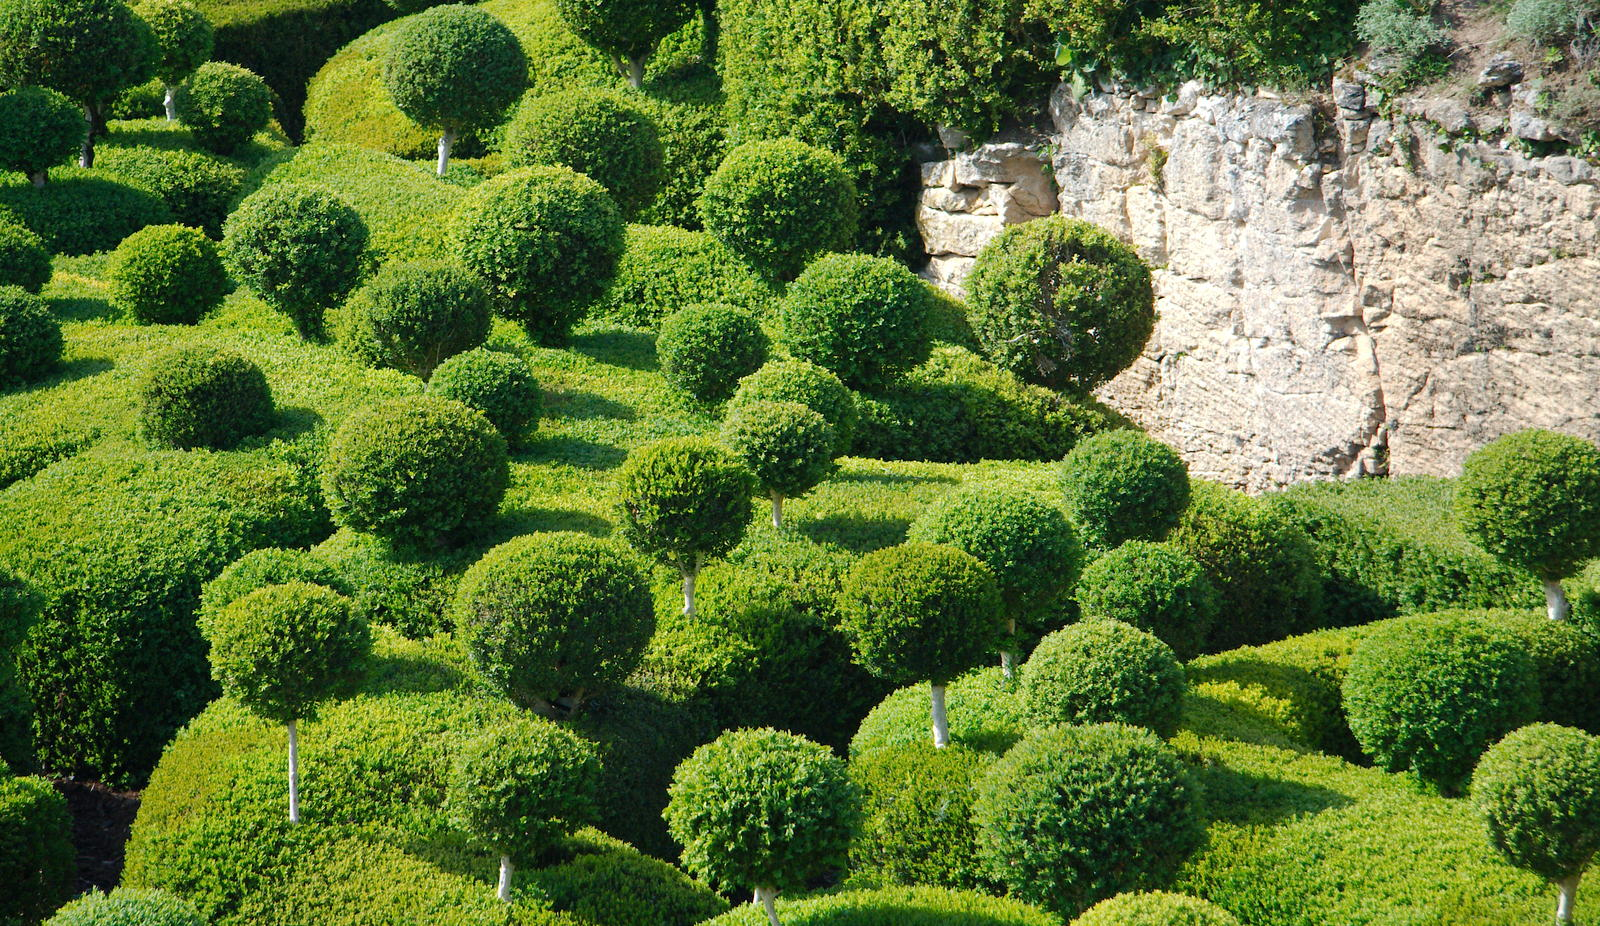 buchsbaum schneiden: zeitpunkt, hilfsmittel & formen - plantura